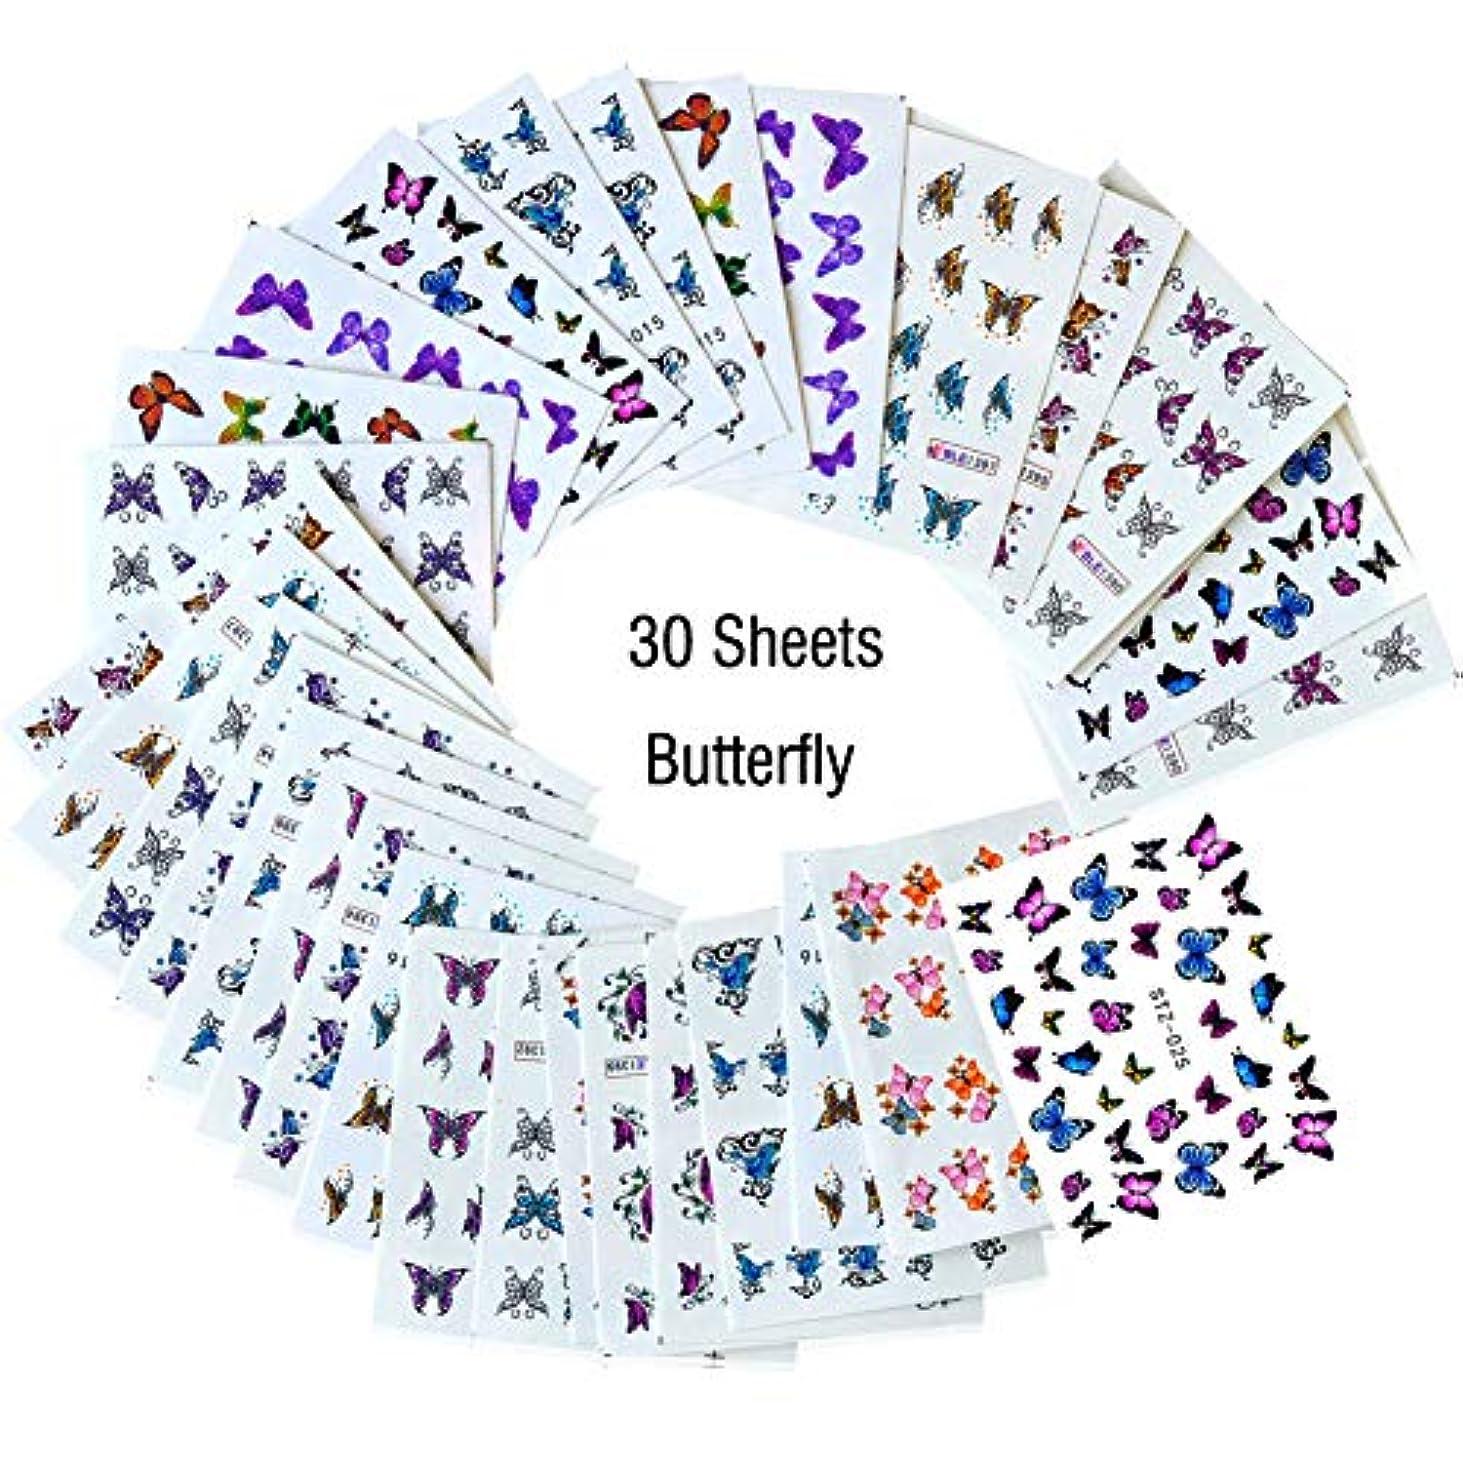 放射する悲惨なバスルームLookathot 30枚ネイルアートステッカーデカール蝶デザインパターン水スカイスター箔紙印刷転写diy装飾ツールアクセサリー